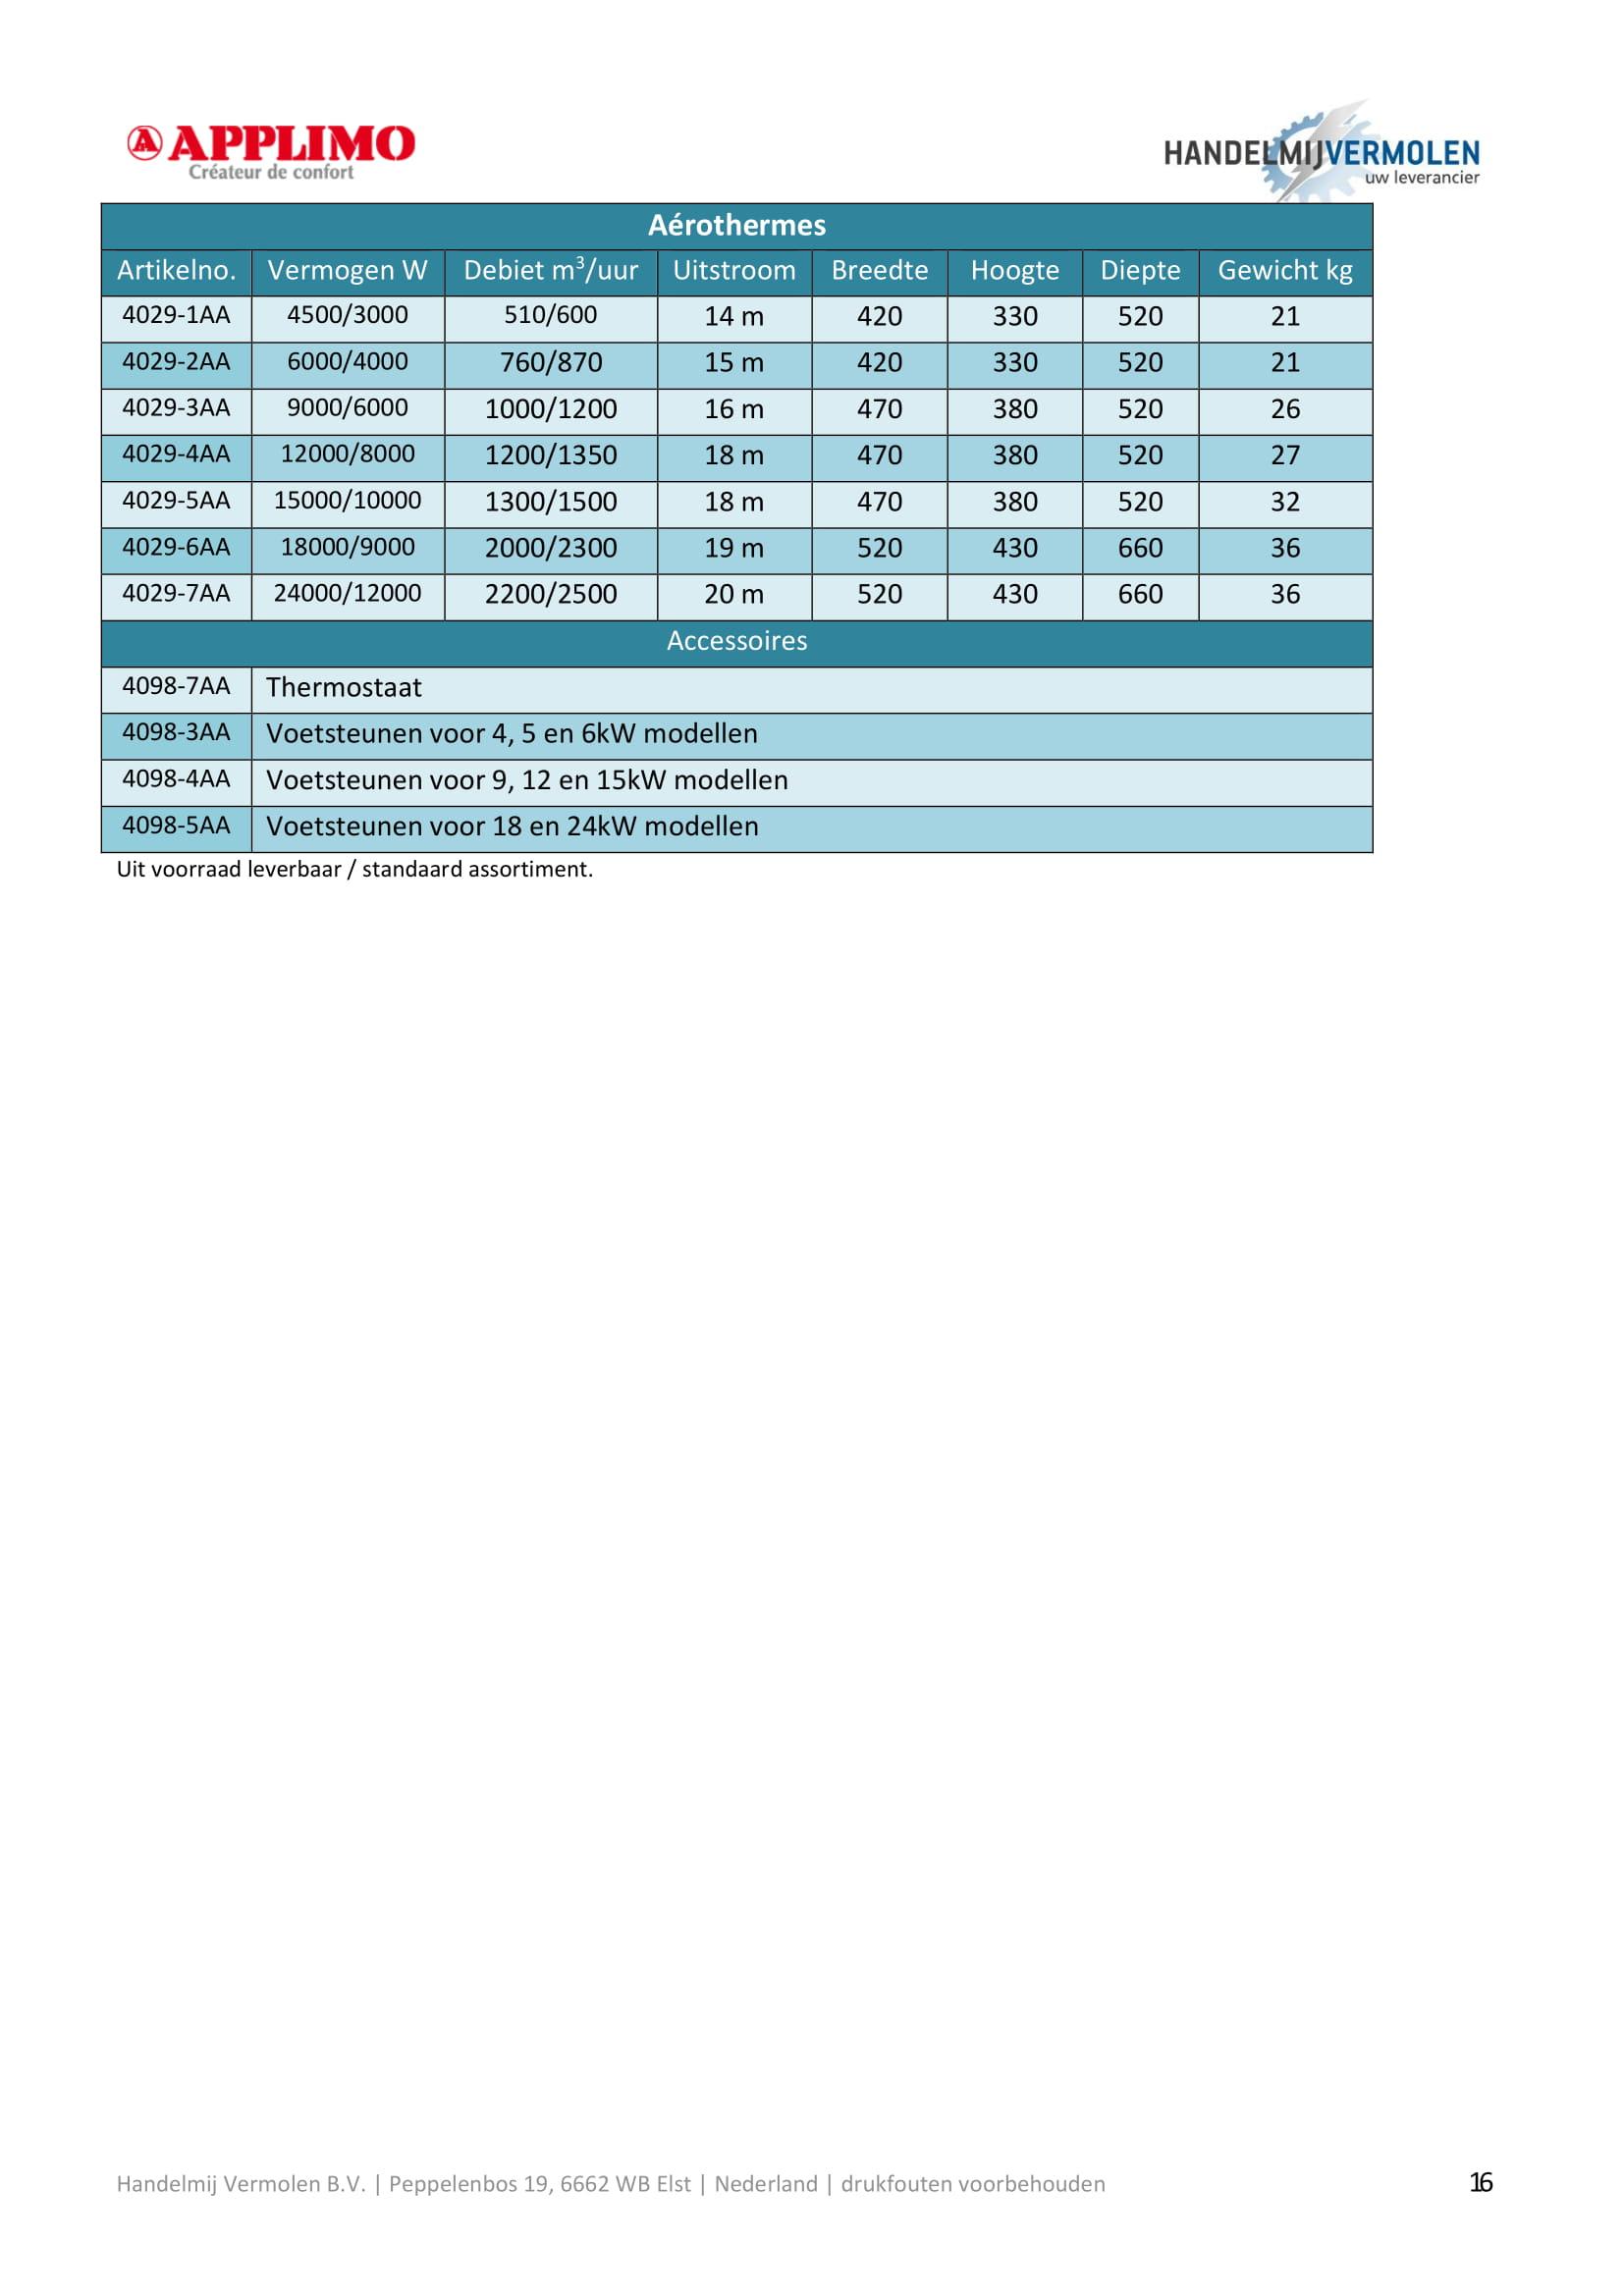 Applimo_productlijst_2021-18